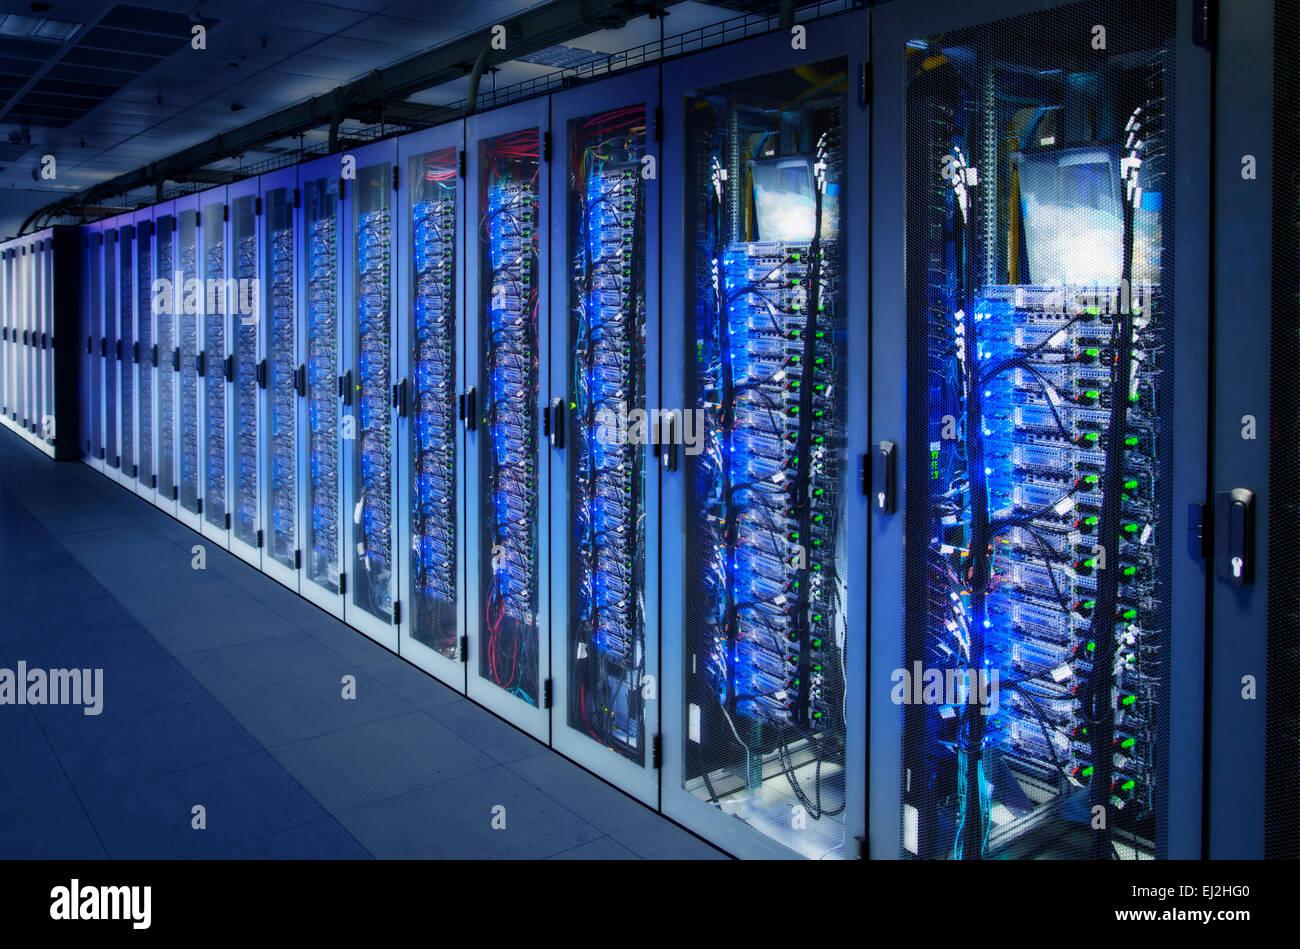 Les armoires de réseau avec des racks de serveurs dans un centre de données. Digital Composite (DC) Photo Stock